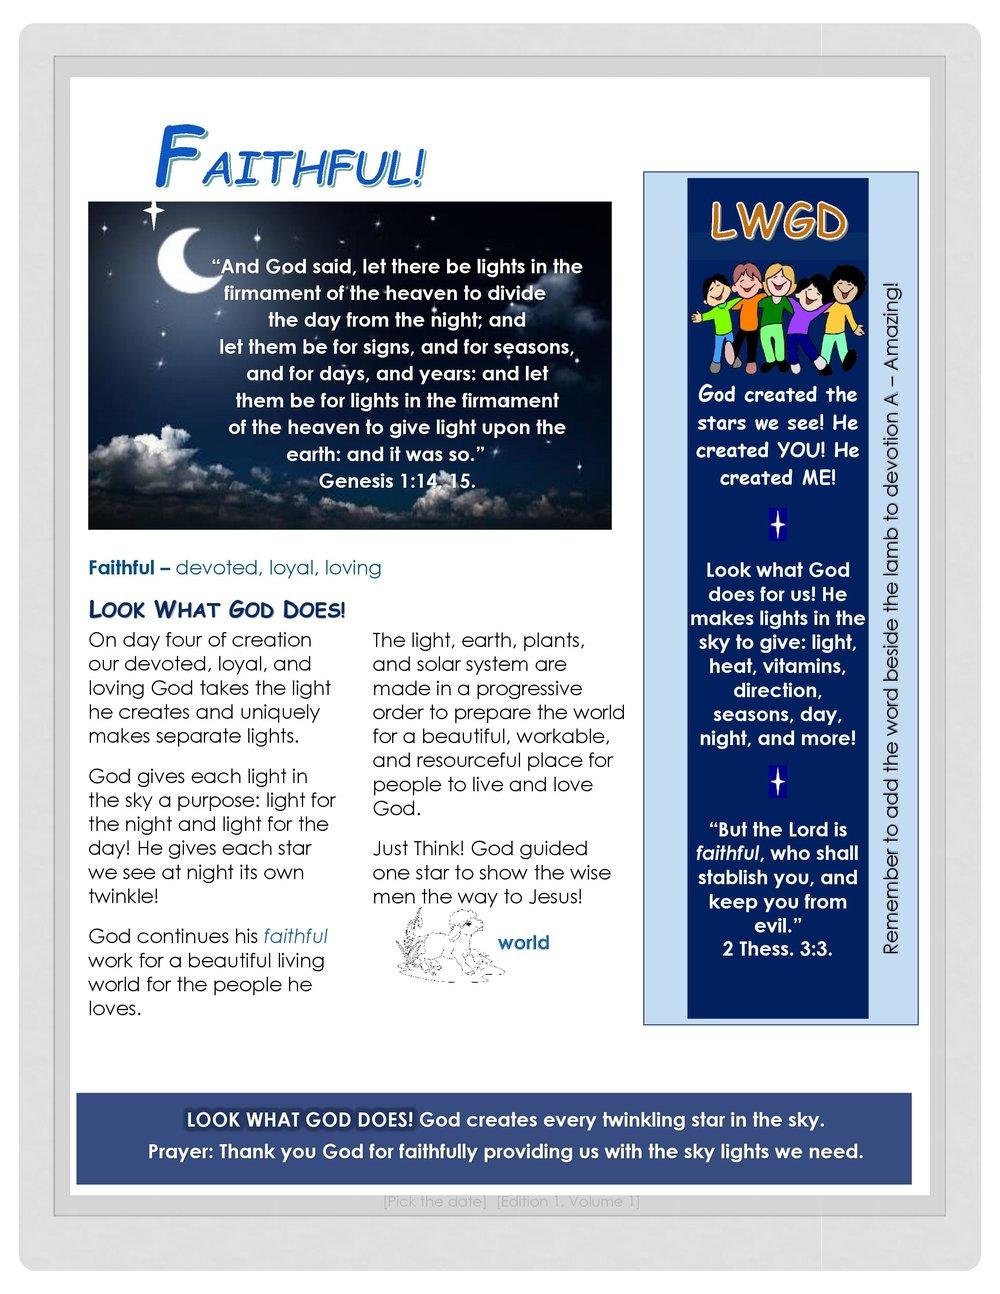 LWGD - Faithful